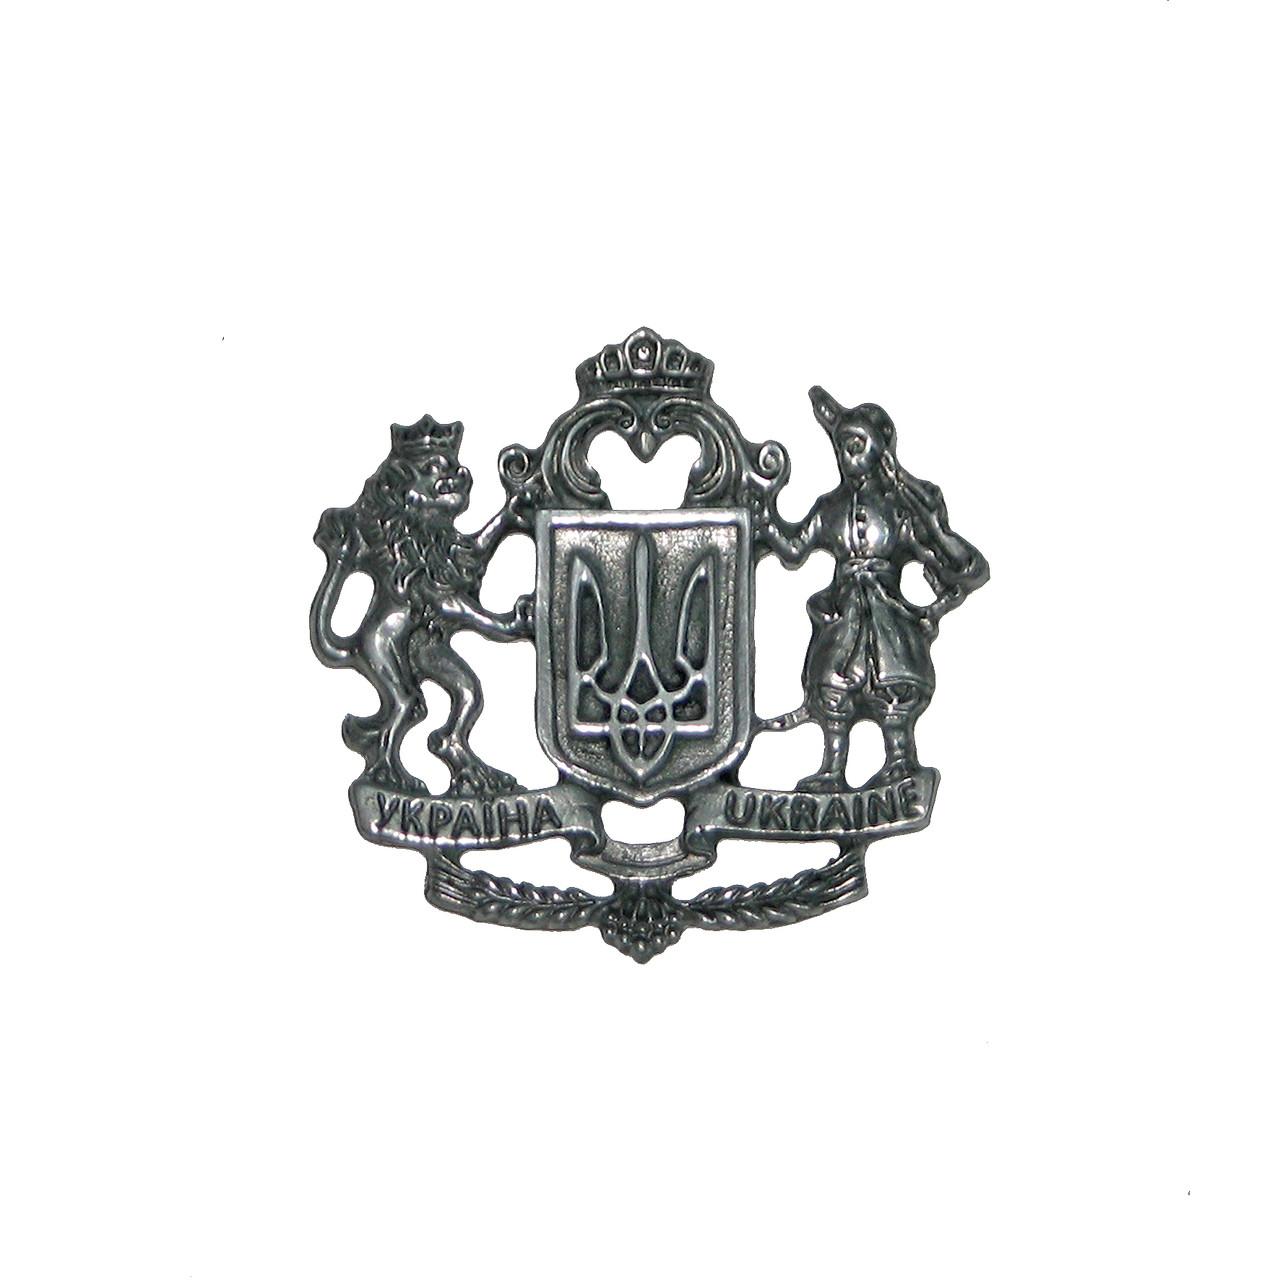 Магніт герб Украины fc495a12206d1